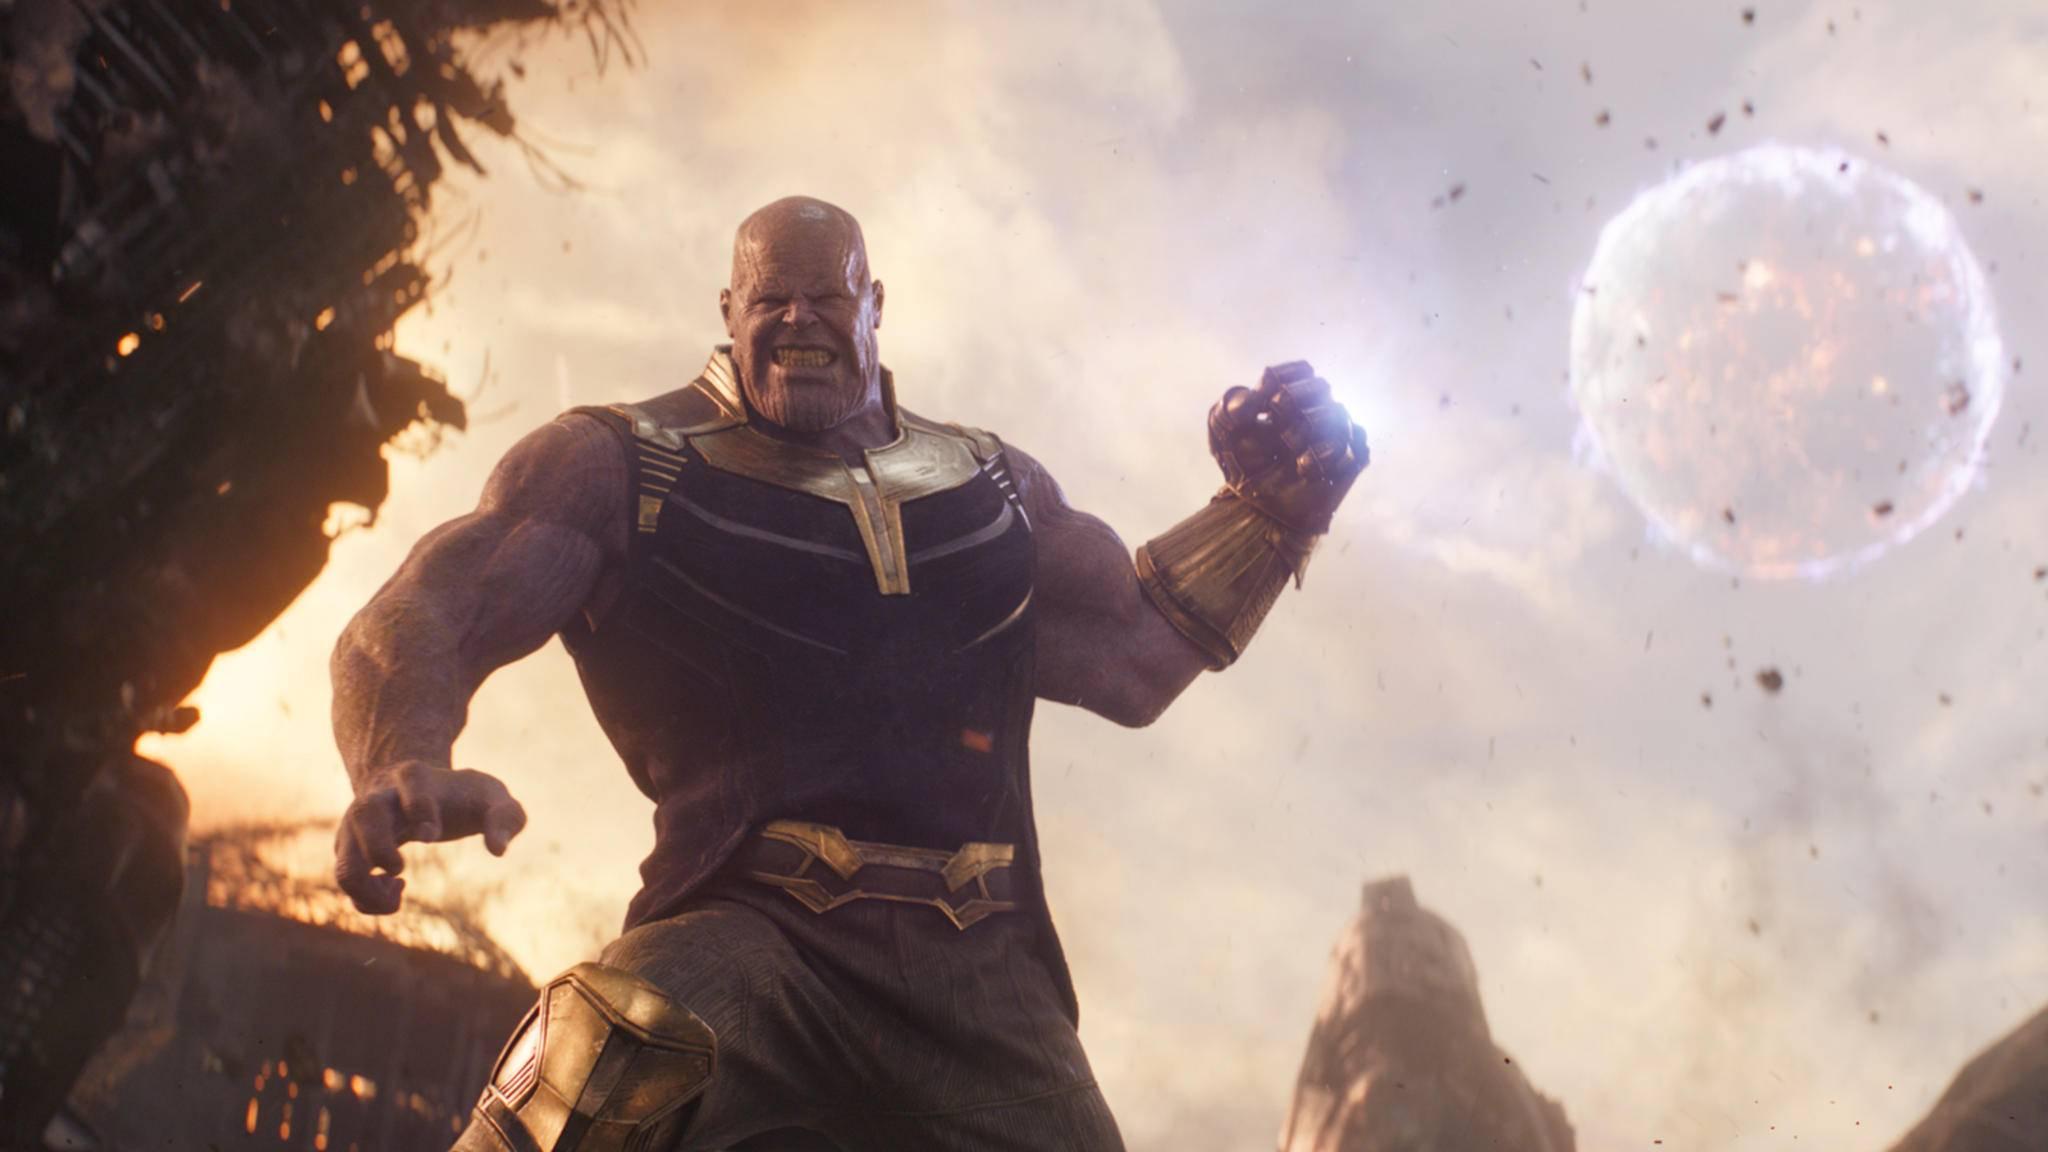 Mit nur einem Snap löschte Thanos die halbe Weltbevölkerung aus.